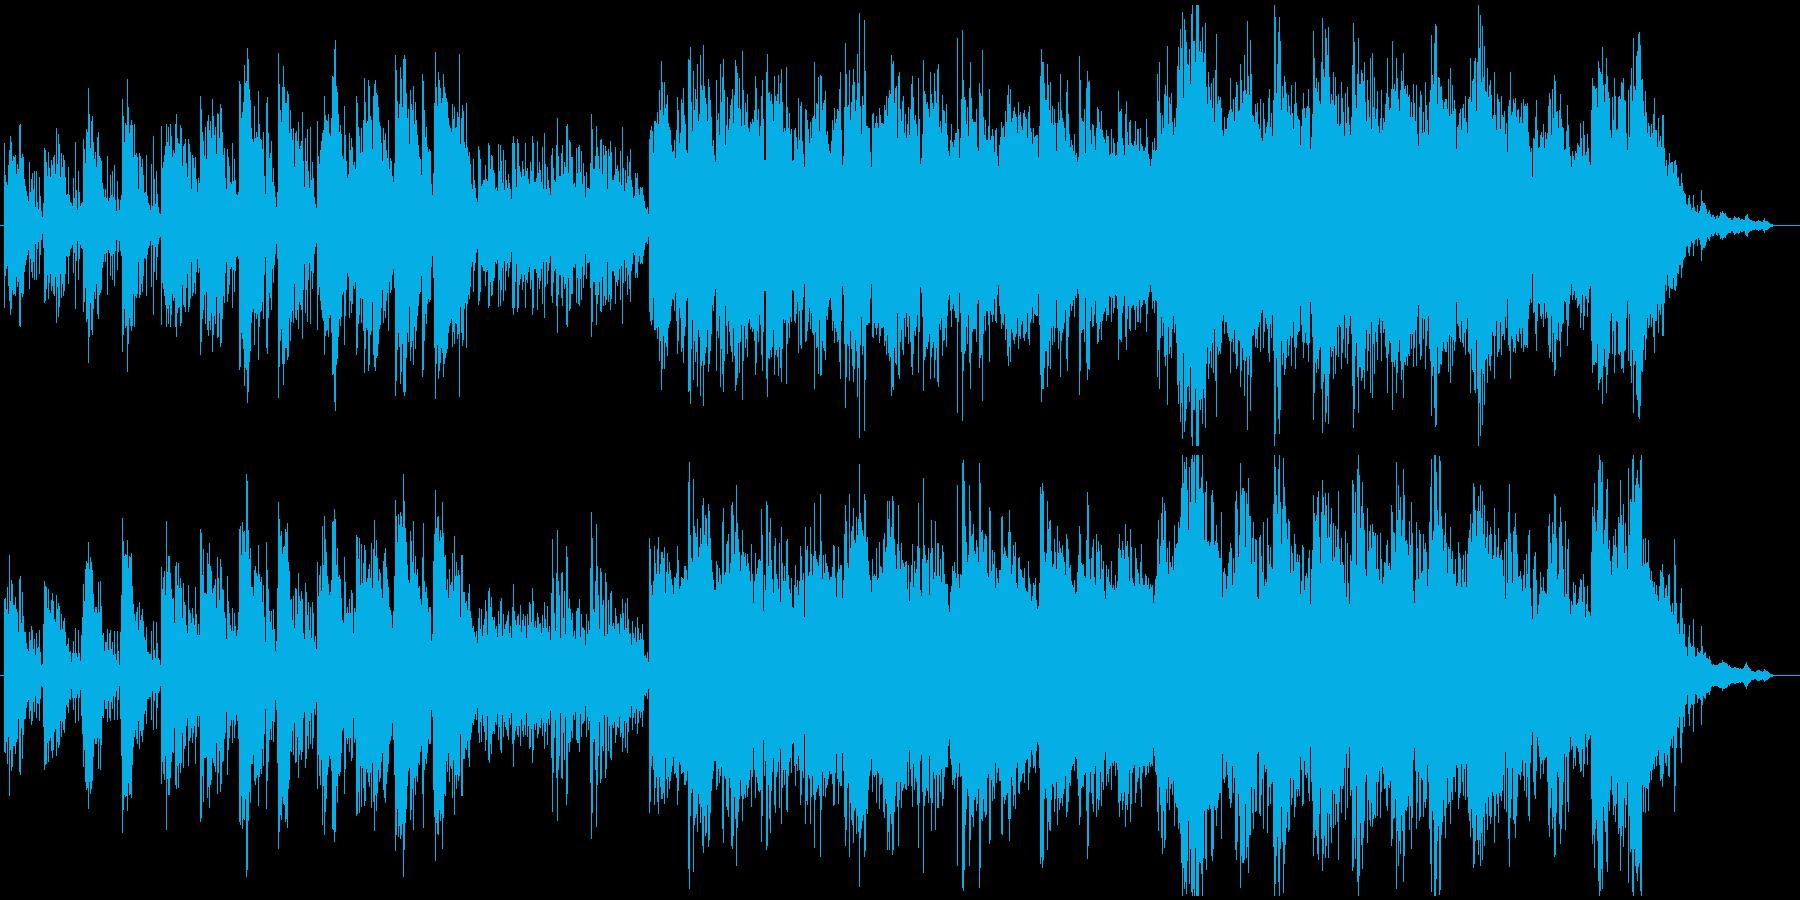 山から海へ移動する様子を描いたBGMの再生済みの波形